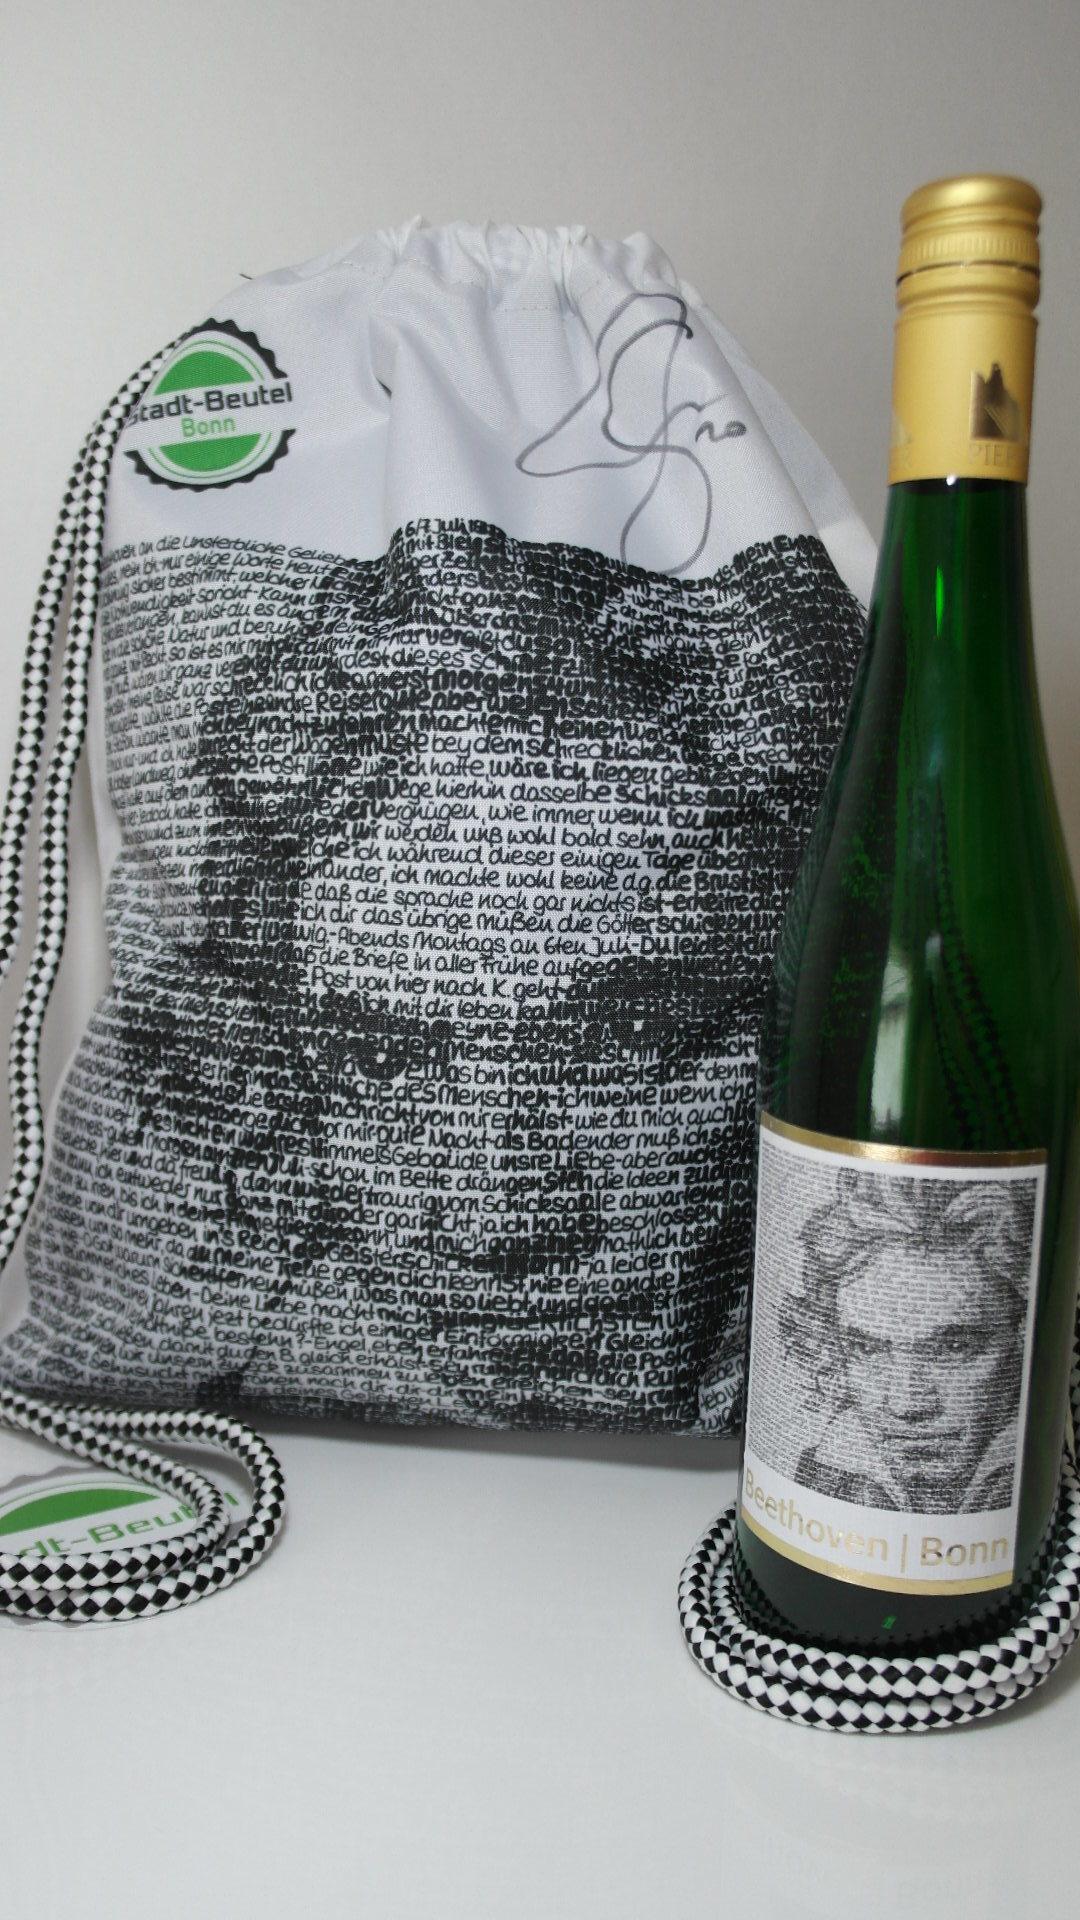 Beethoven Genuss Set Stadt-Beutel Weingut Pieper